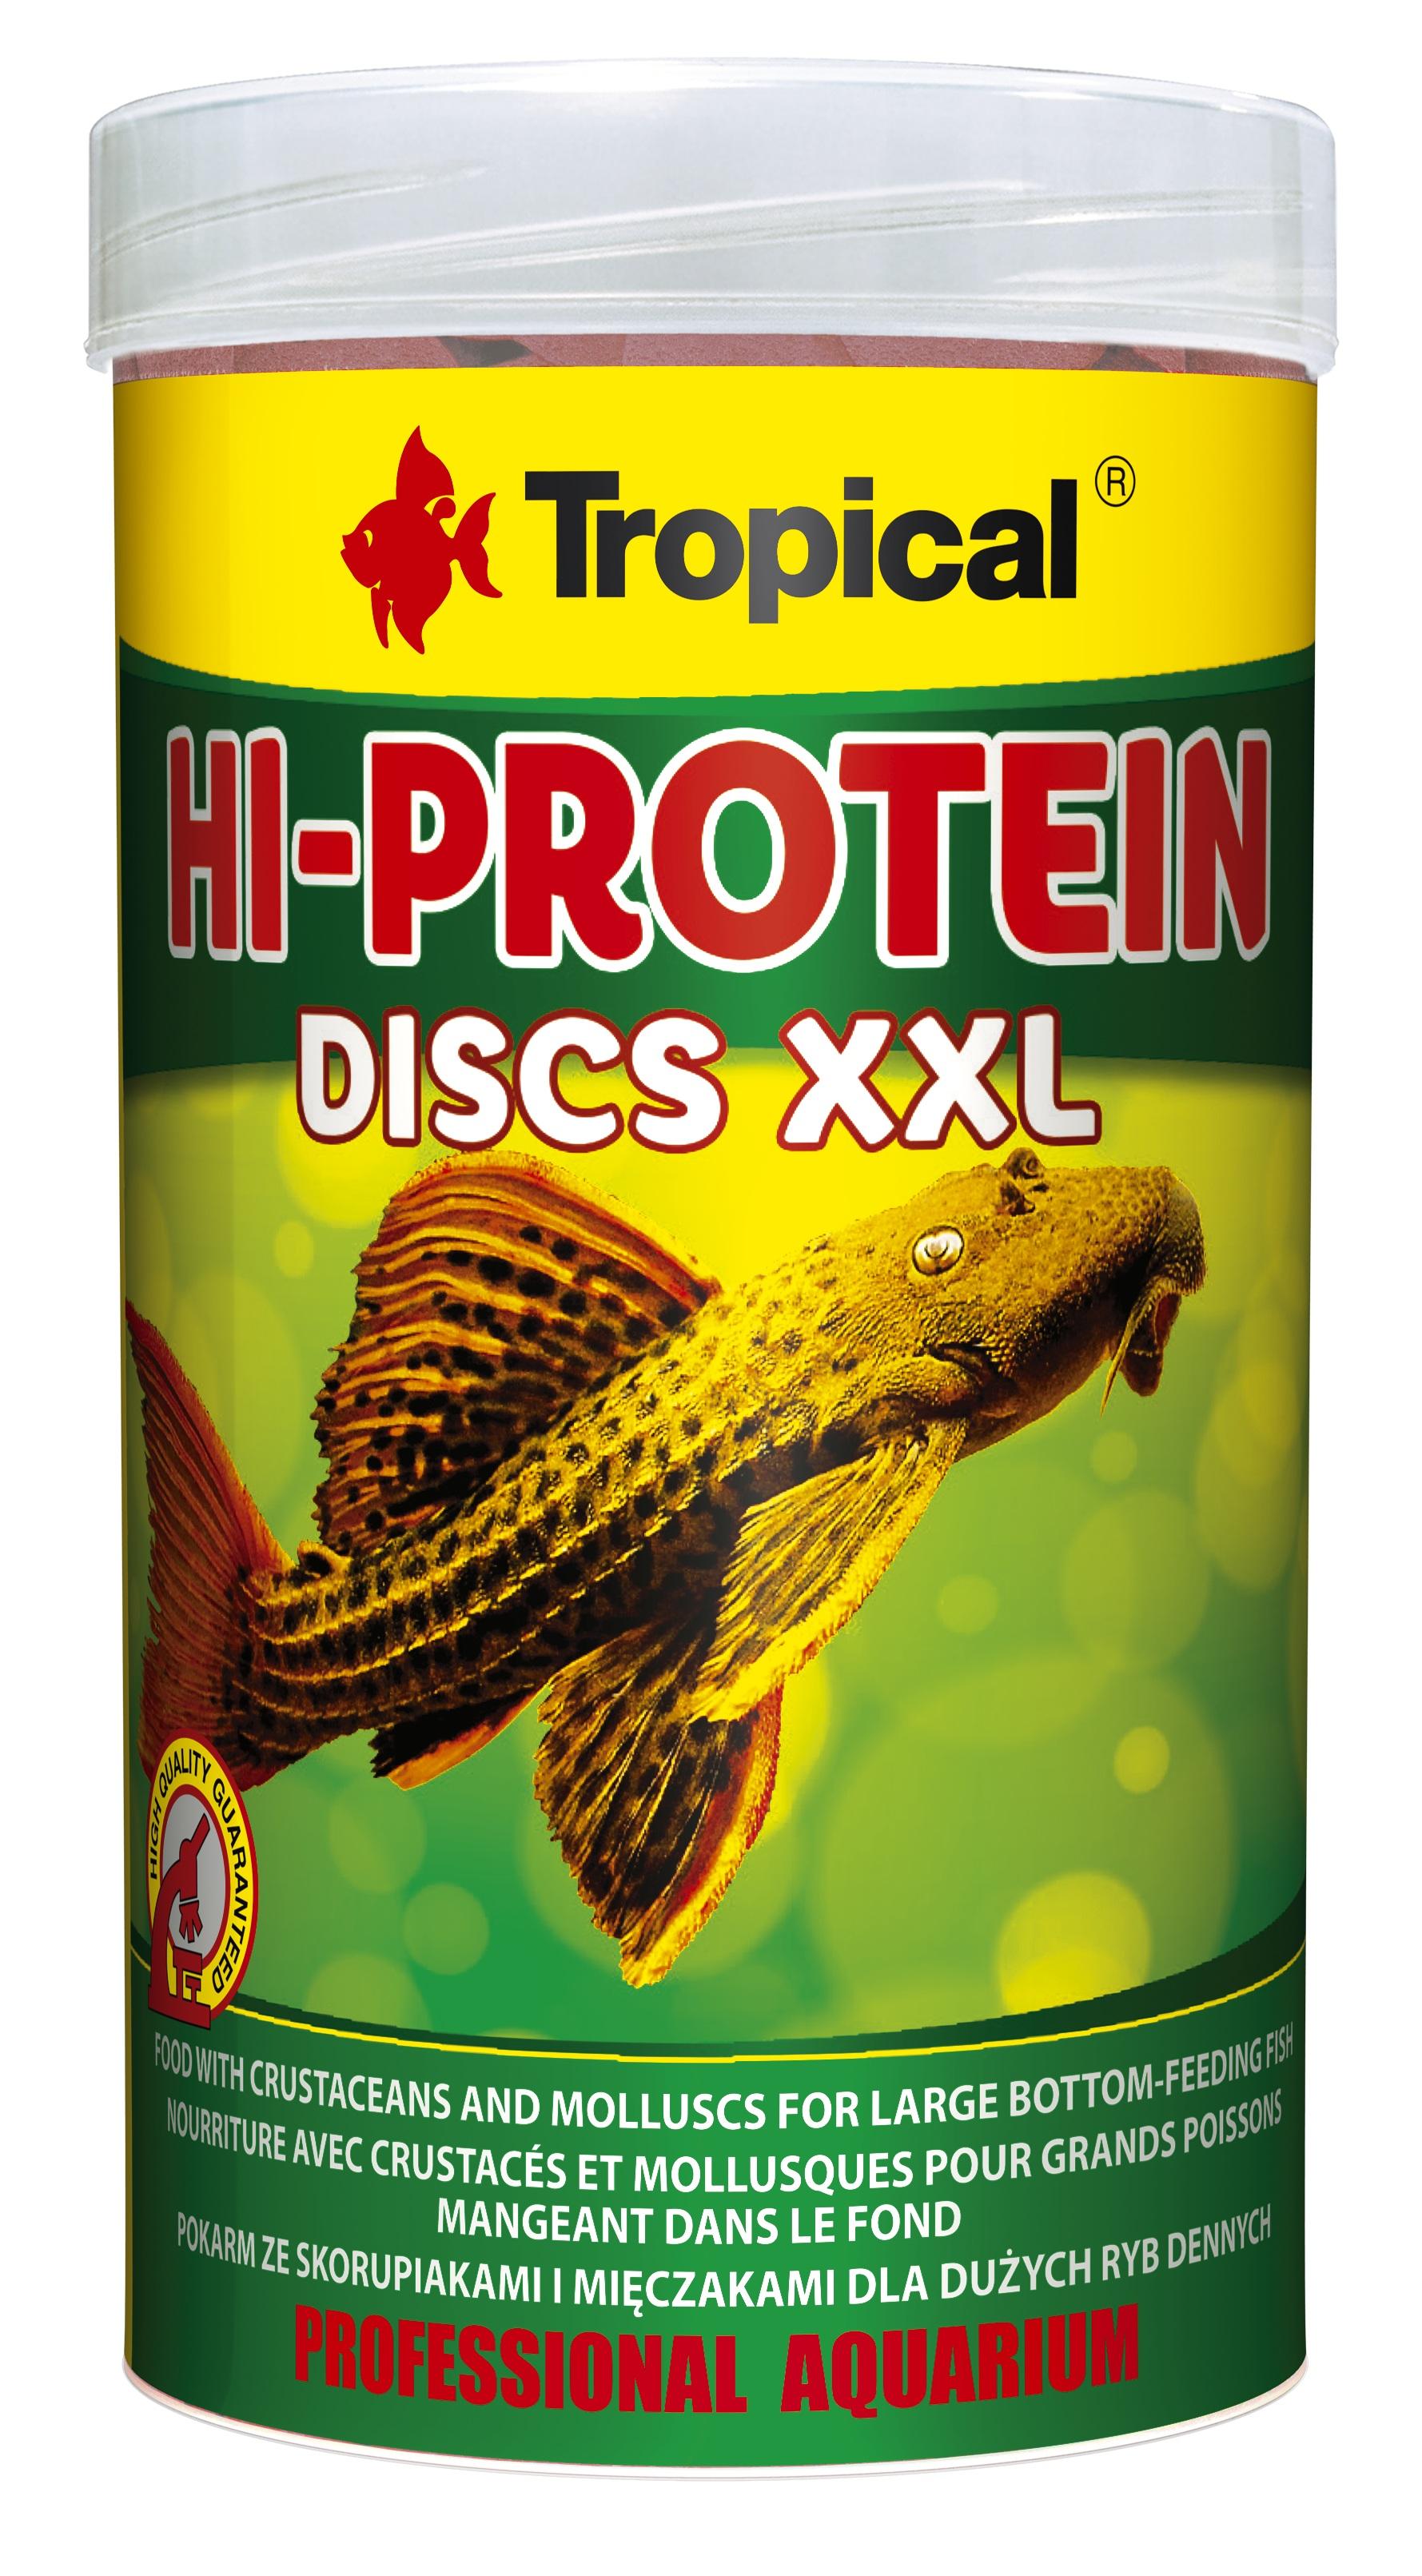 Tropical Hi-Protein Discs XXL - 3 L/1,5 Kg